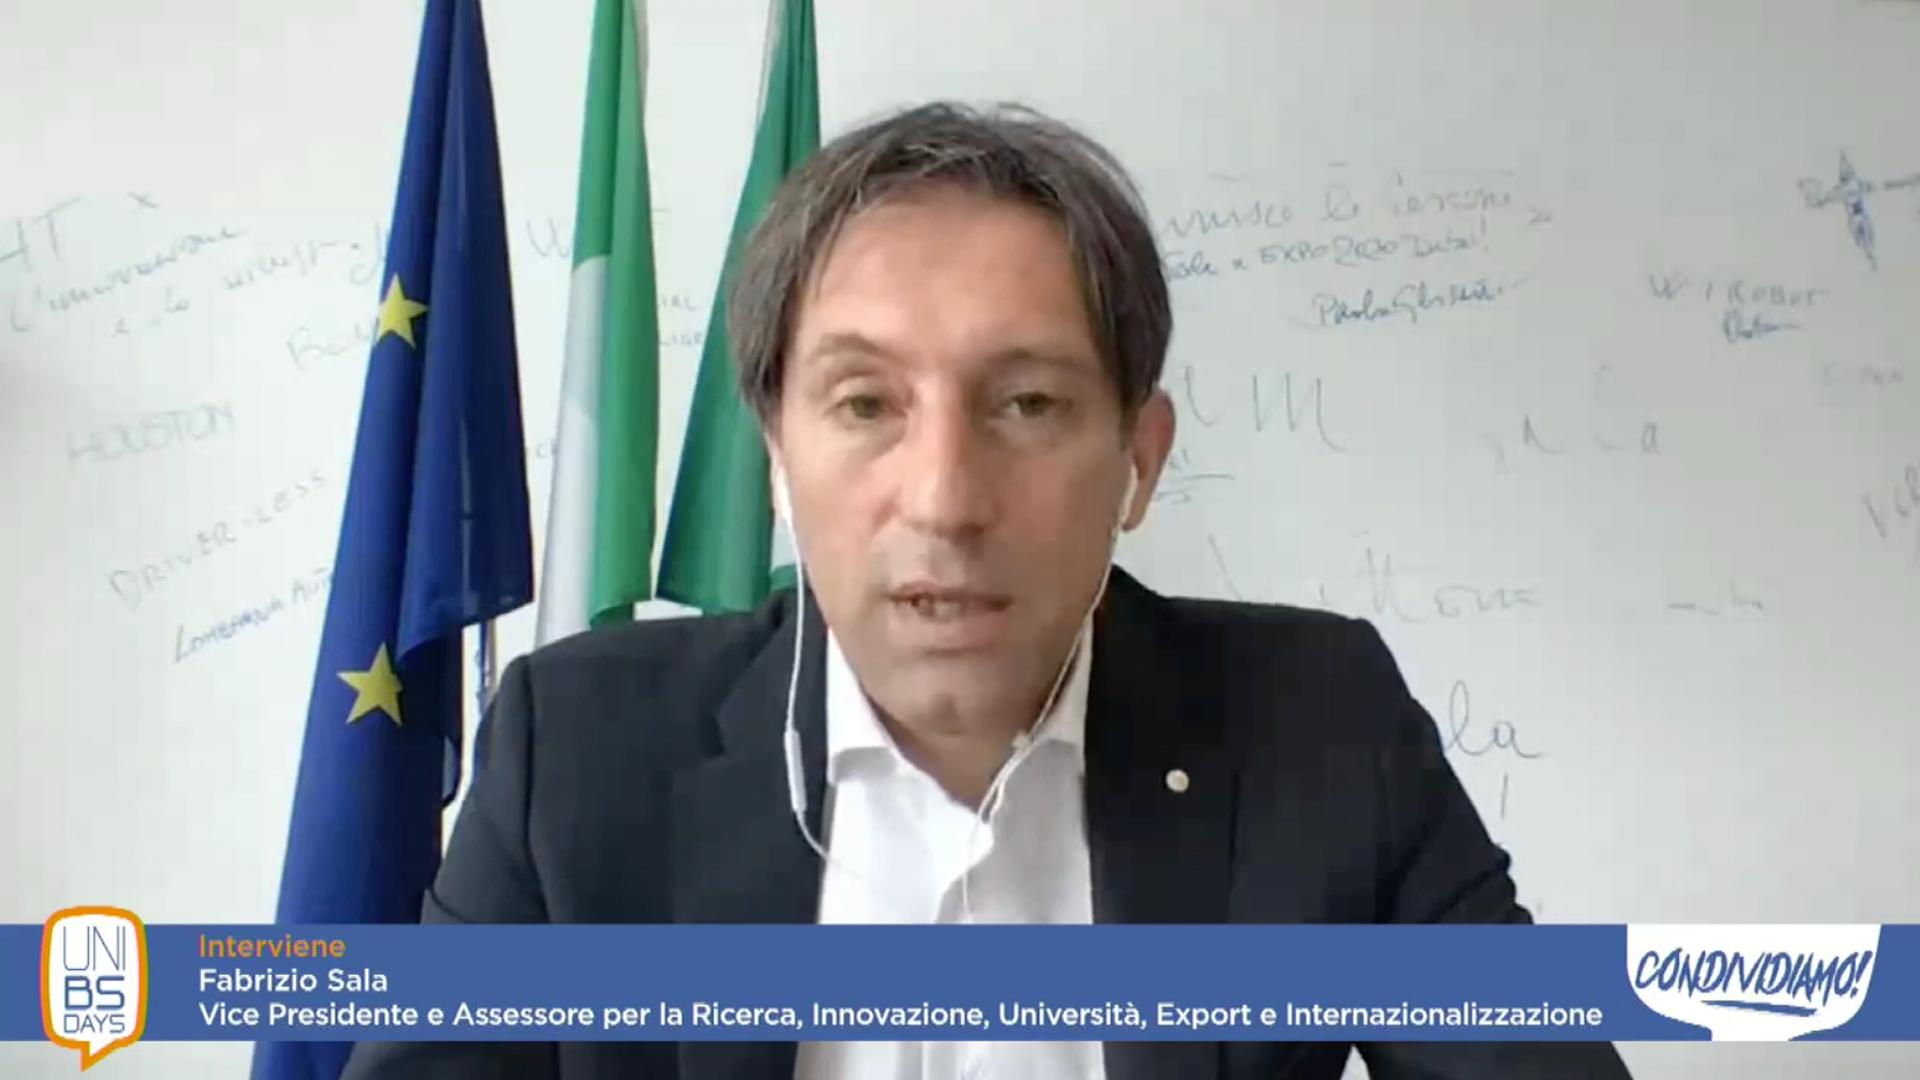 Fabrizio Sala, Vice presidente e assessore per la Ricerca, Innovazione, Università, Export e Internazionalizzazione